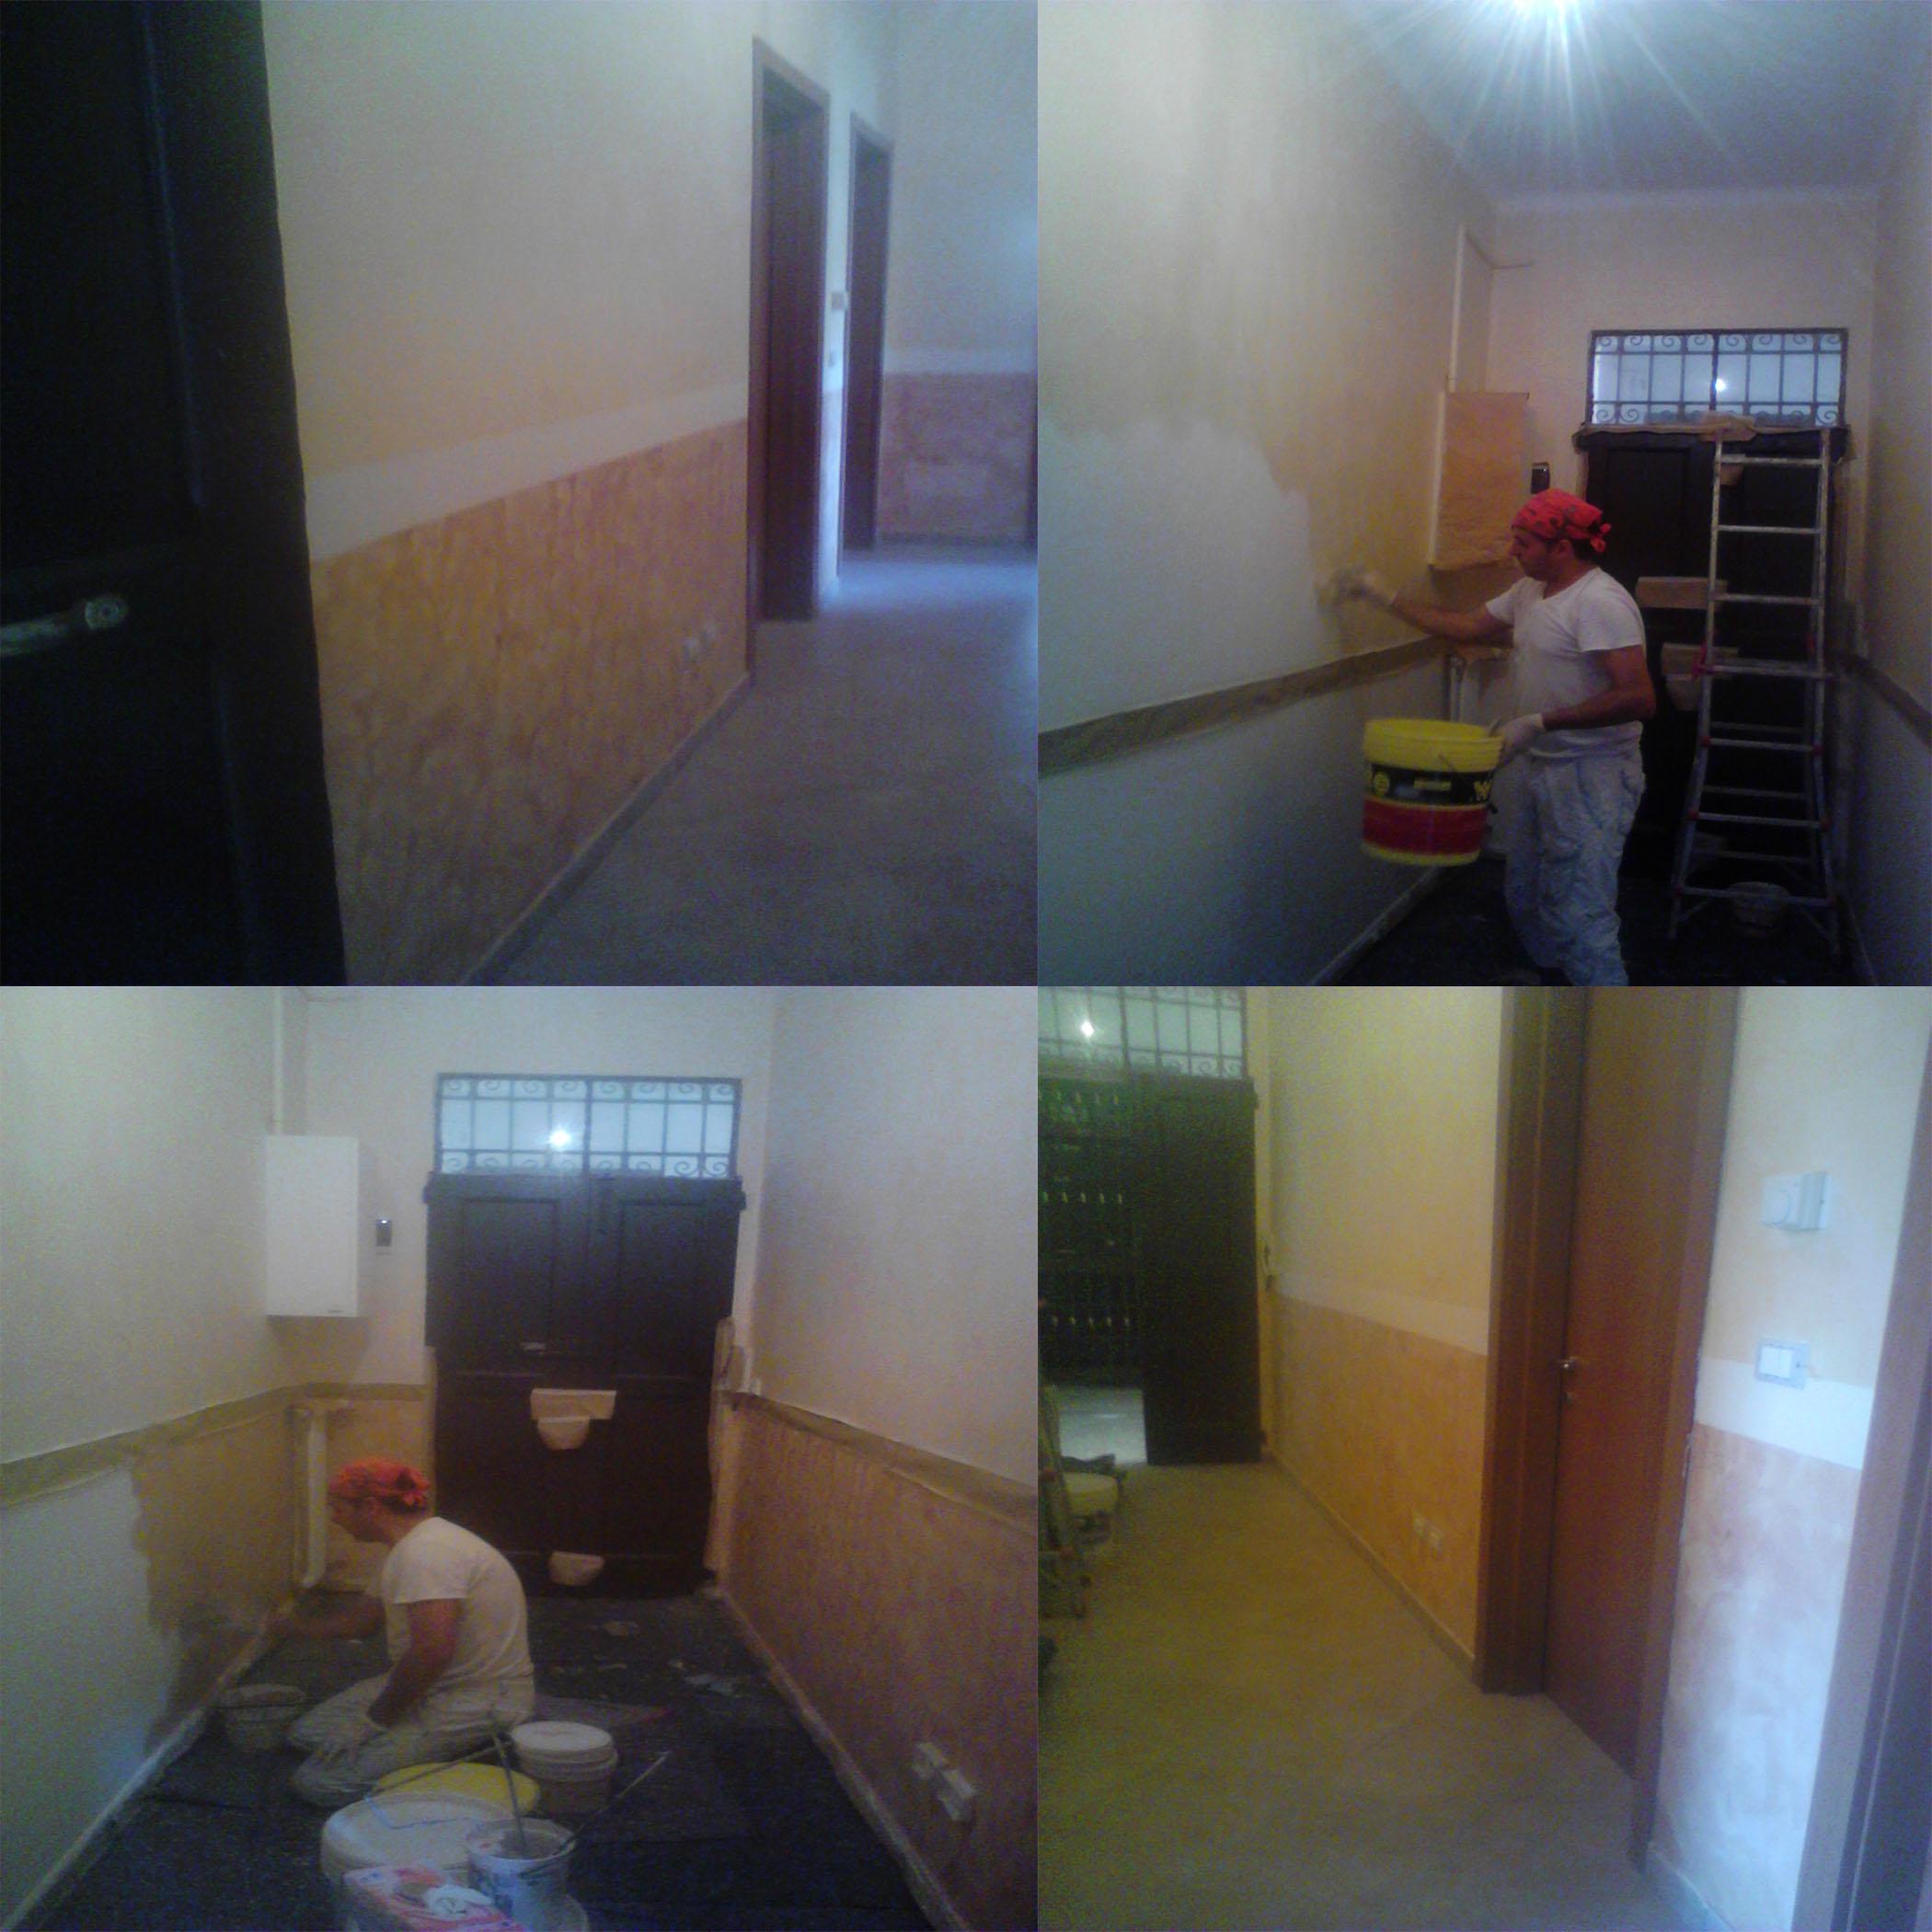 Decorazione interni - Decorazioni per casa ...